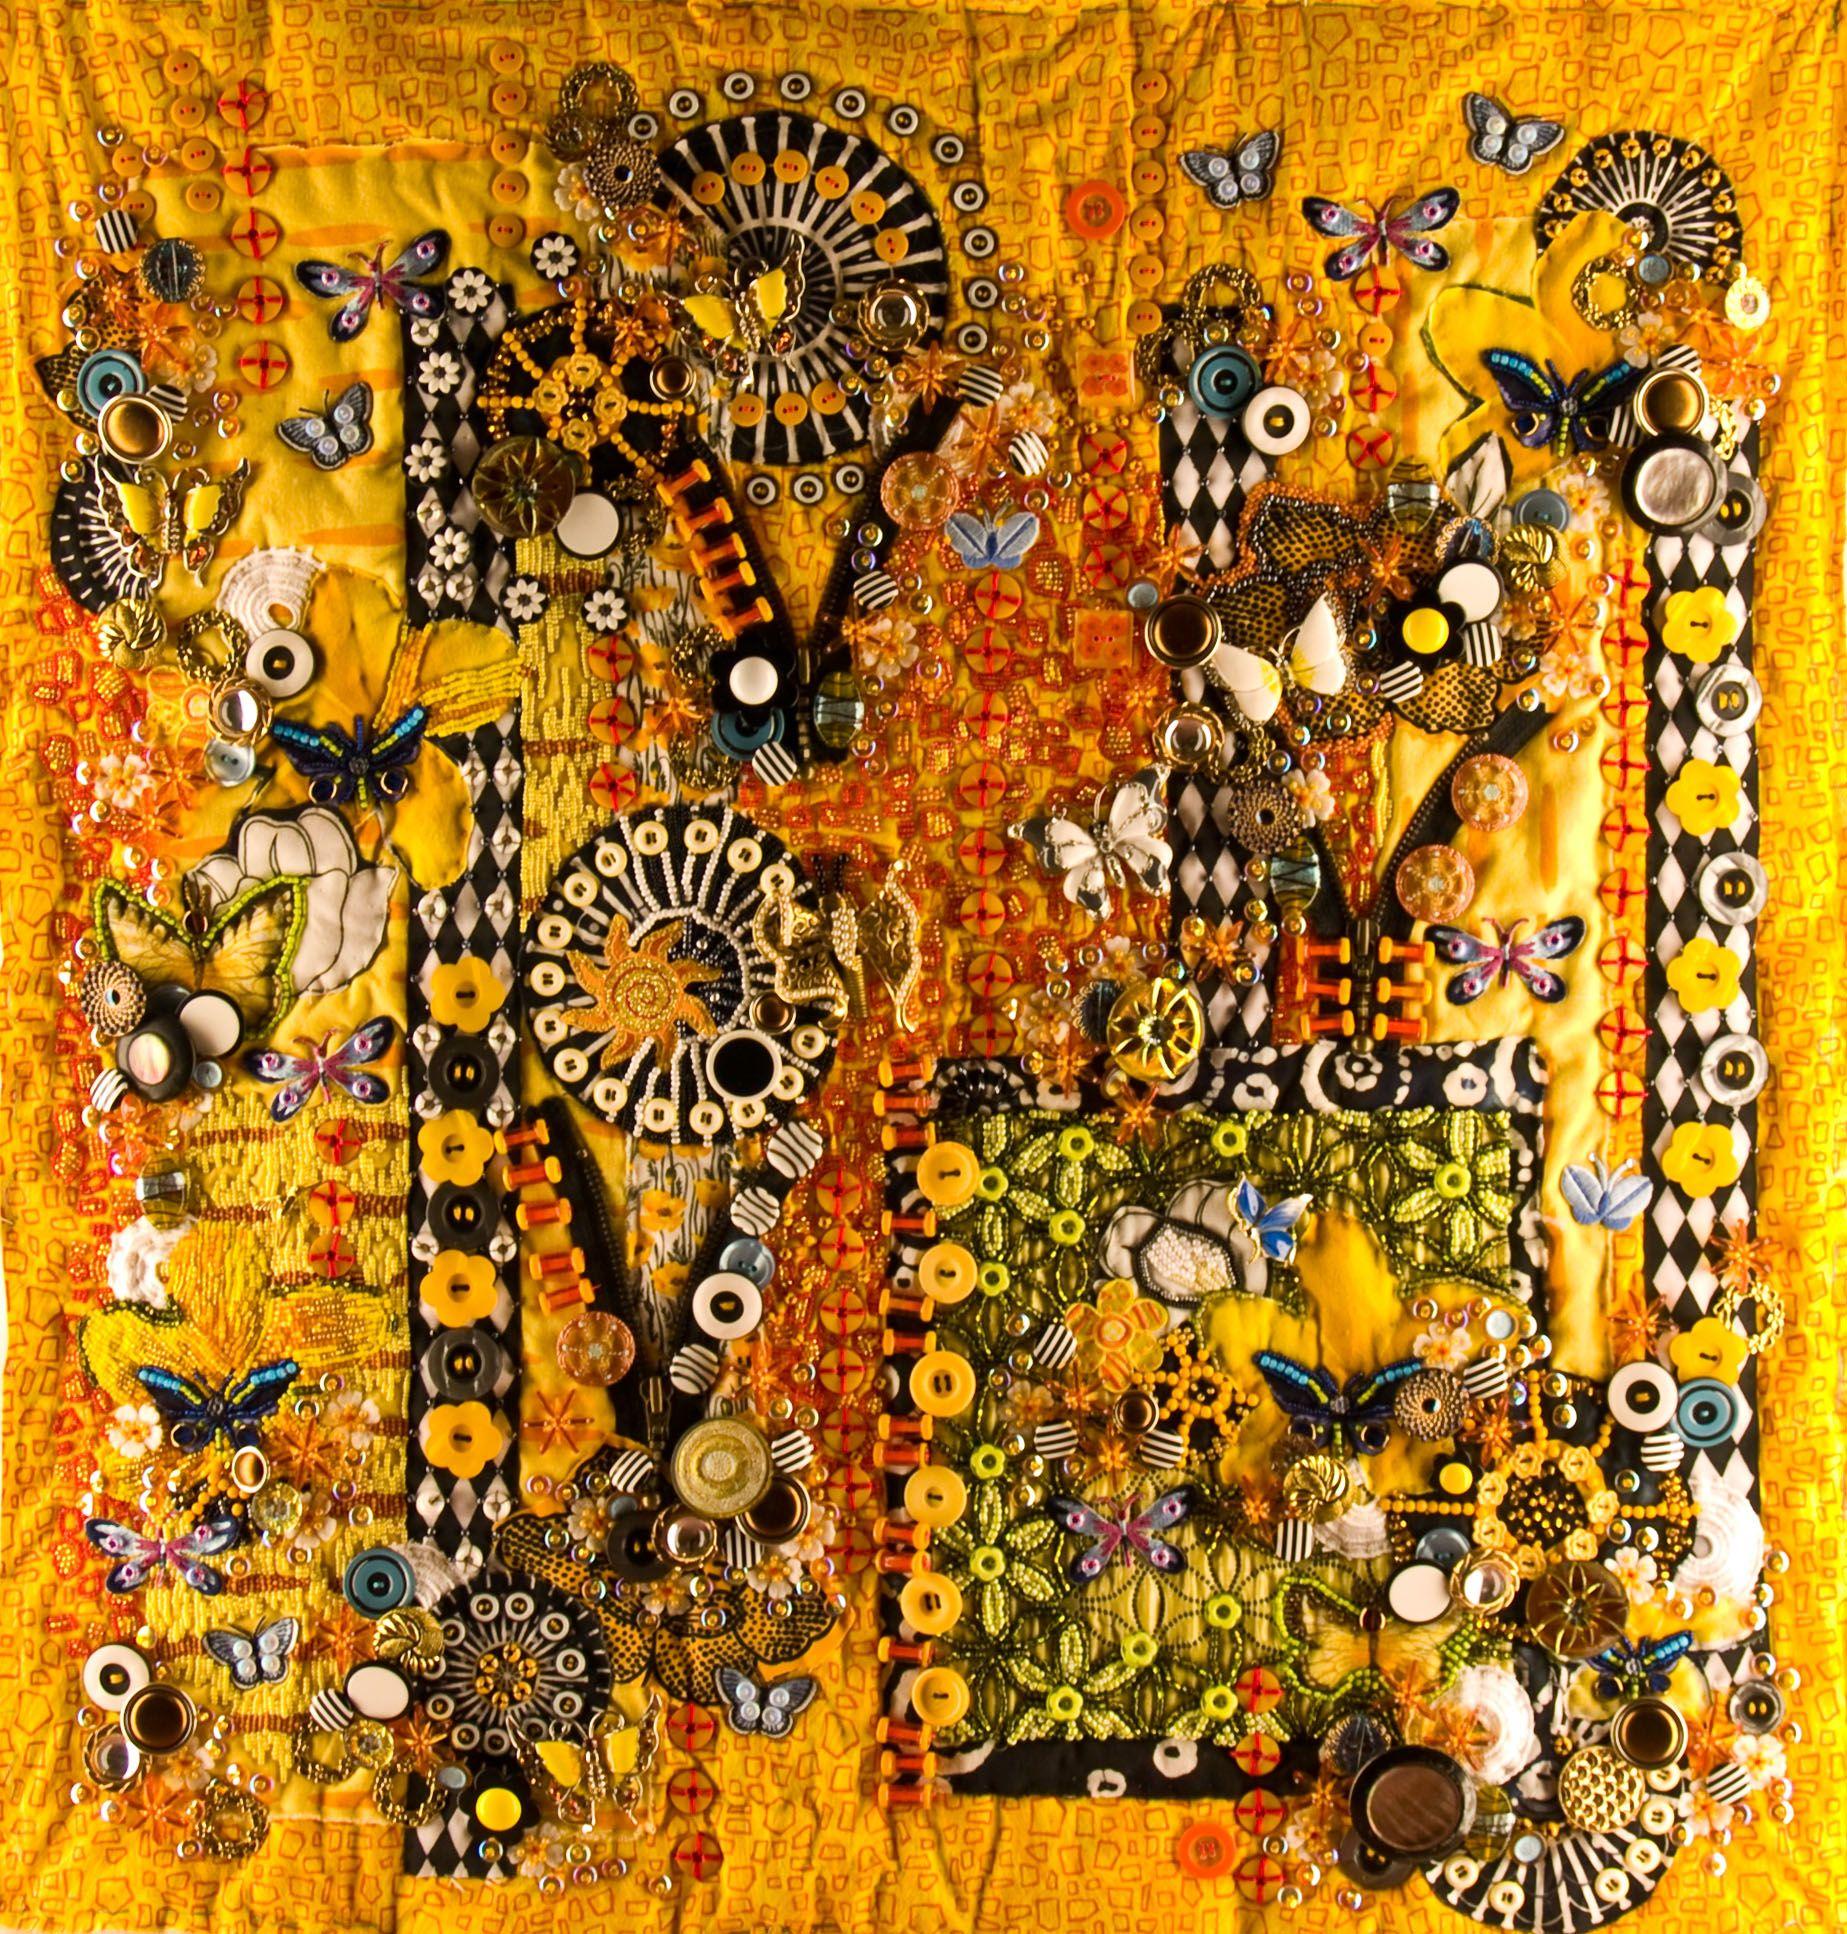 quilt art | art quilt creation techniques Archives - Fiber ... : art quilts pinterest - Adamdwight.com